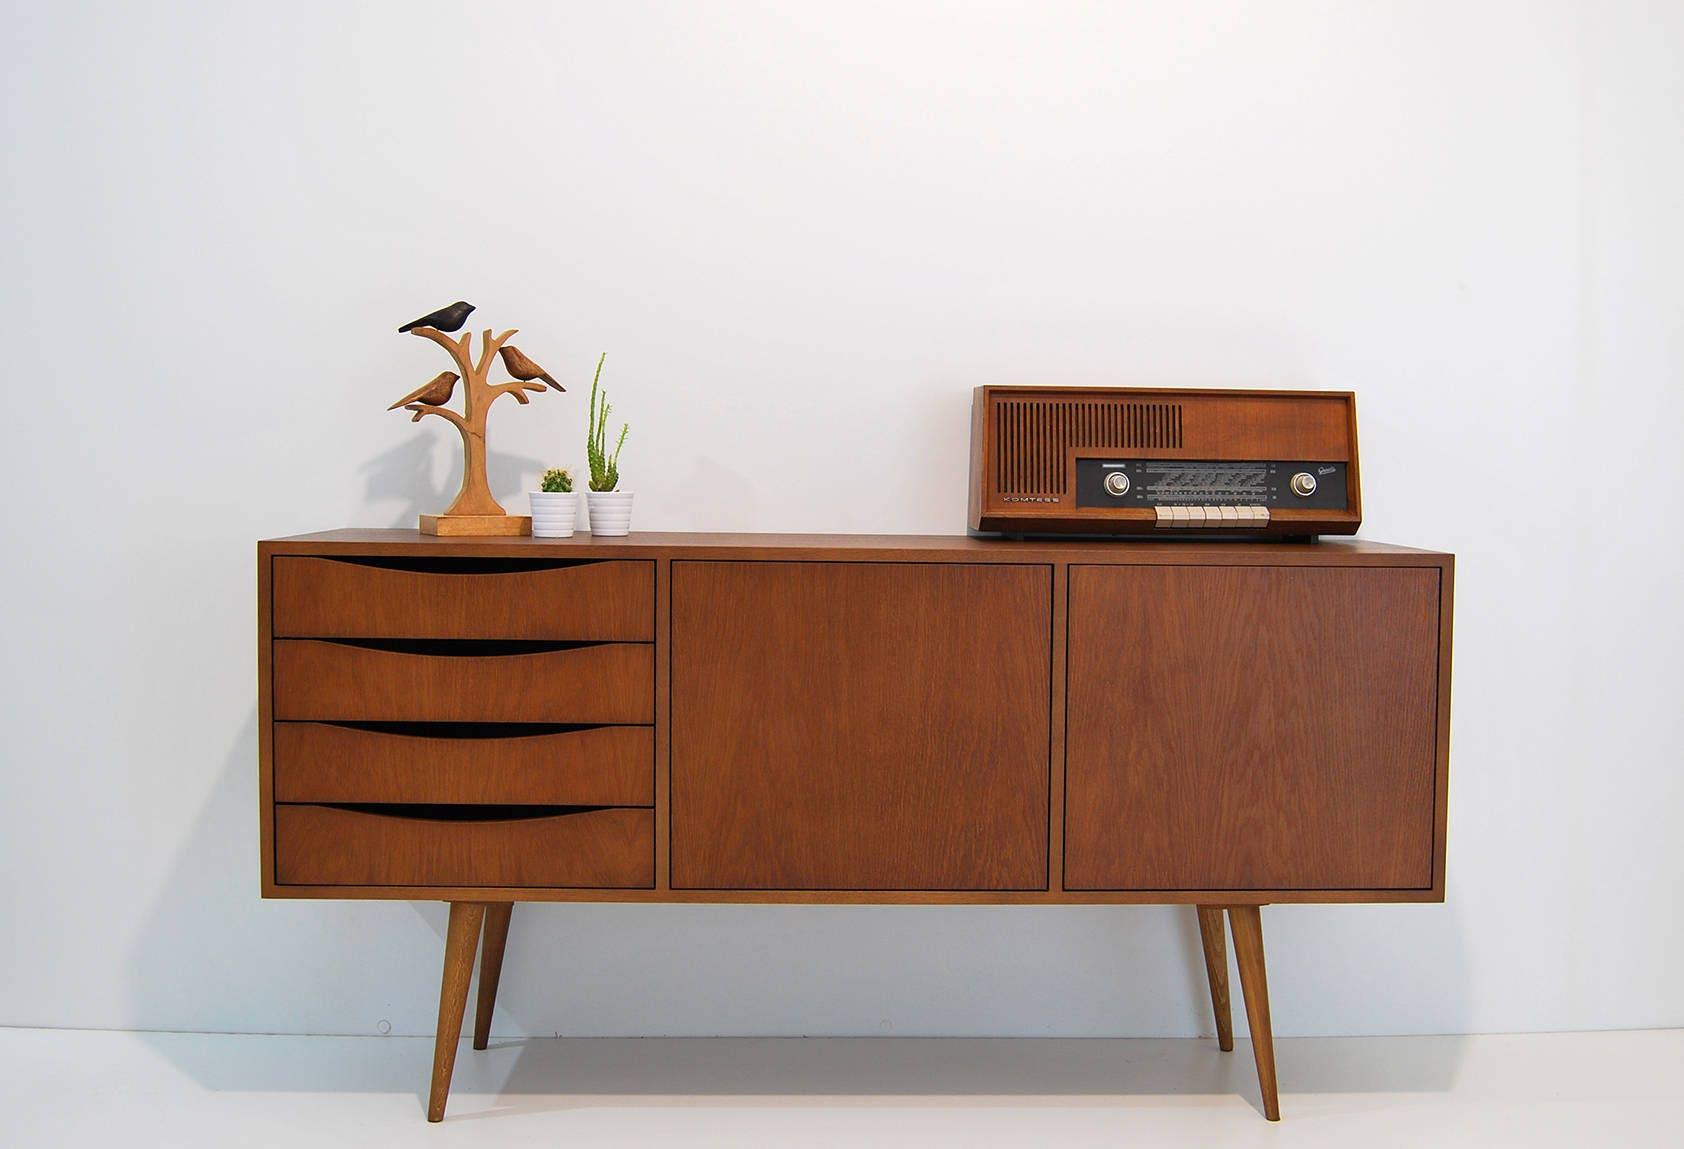 moderne mid century sideboard wohnzimmer m bel konsole. Black Bedroom Furniture Sets. Home Design Ideas